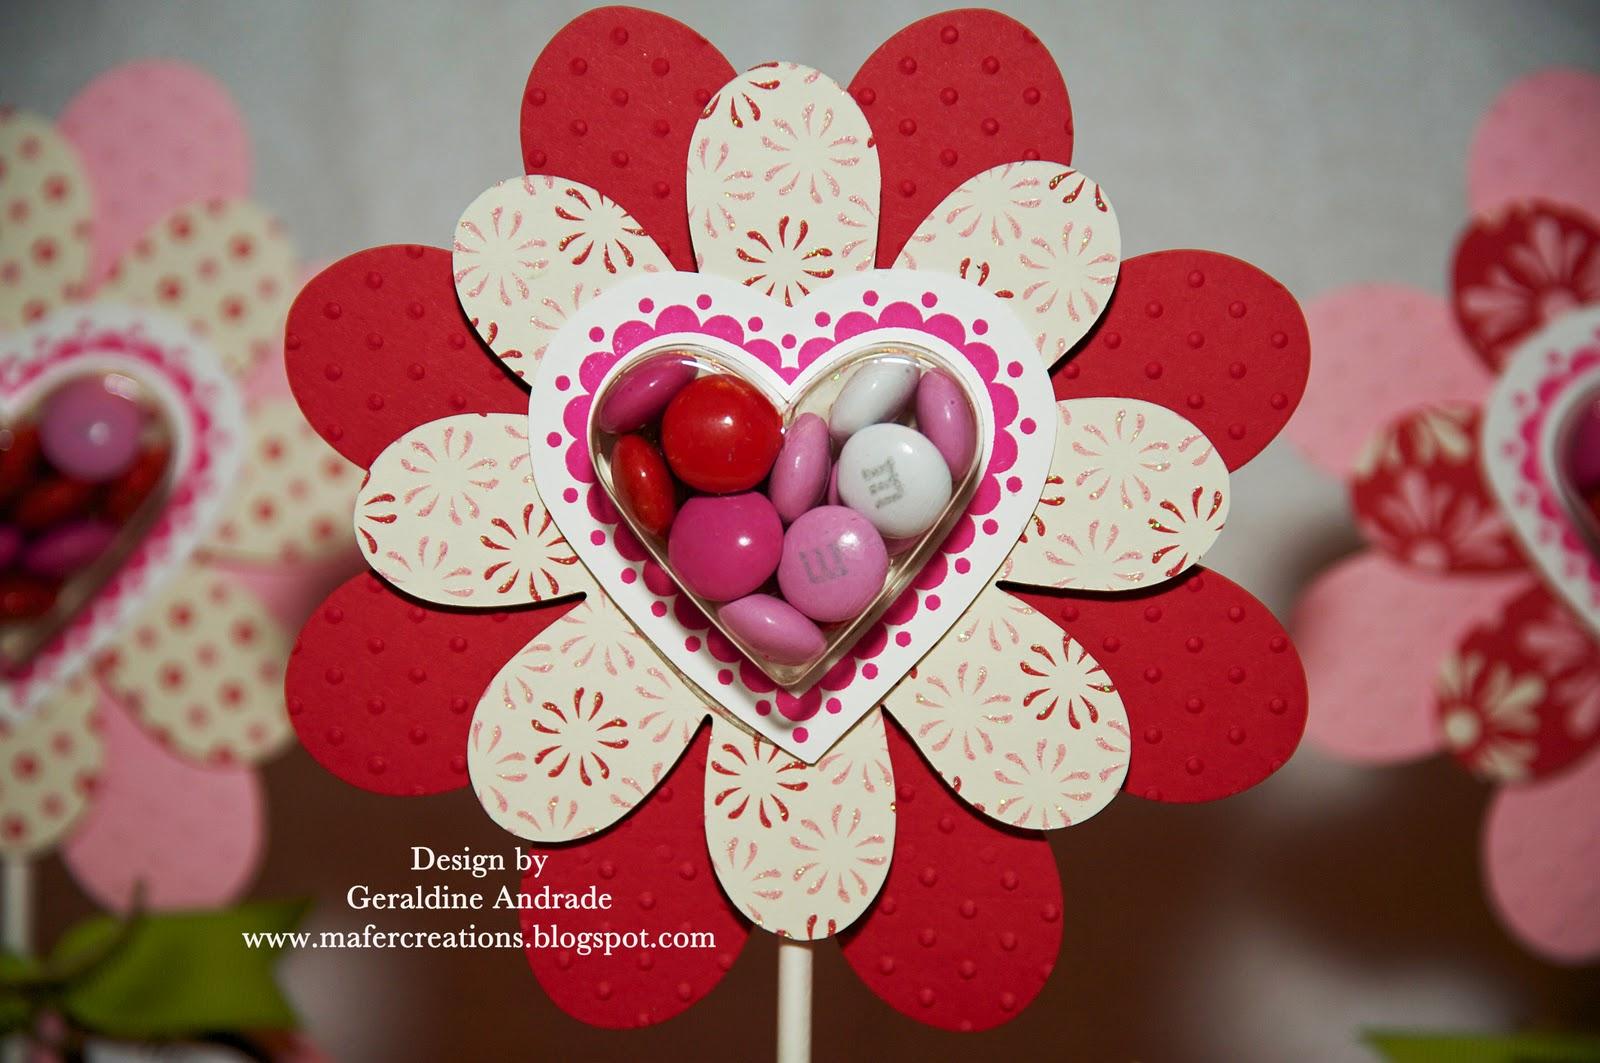 Decoraci n dia del amor y la amistad imagui for Decoracion amor y amistad oficina